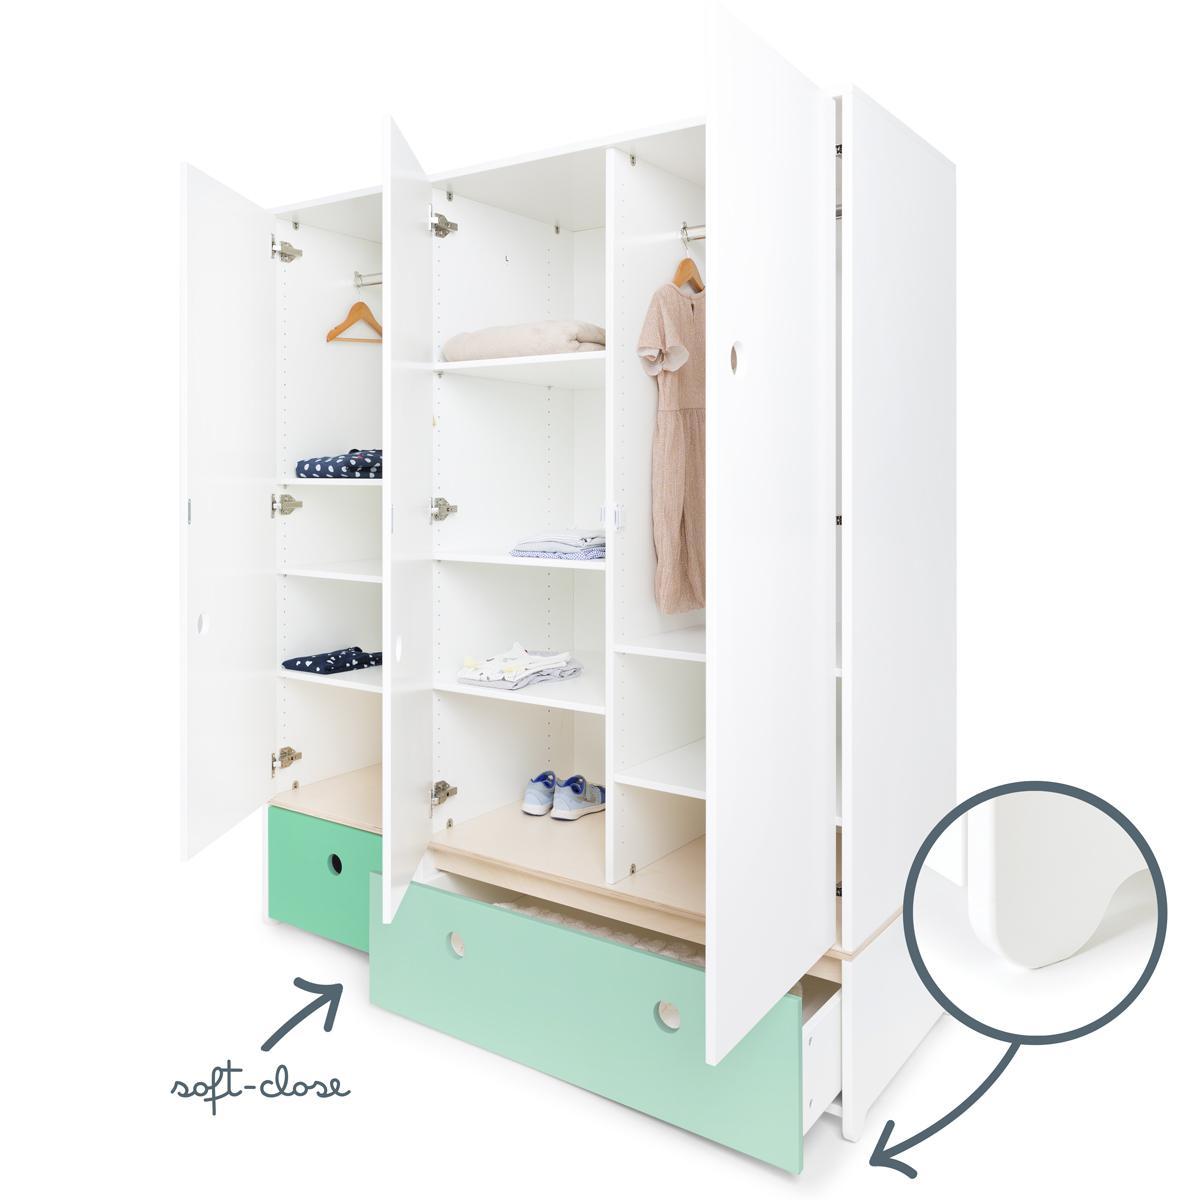 Armoire 3 portes COLORFLEX façades tiroirs sea foam-mint